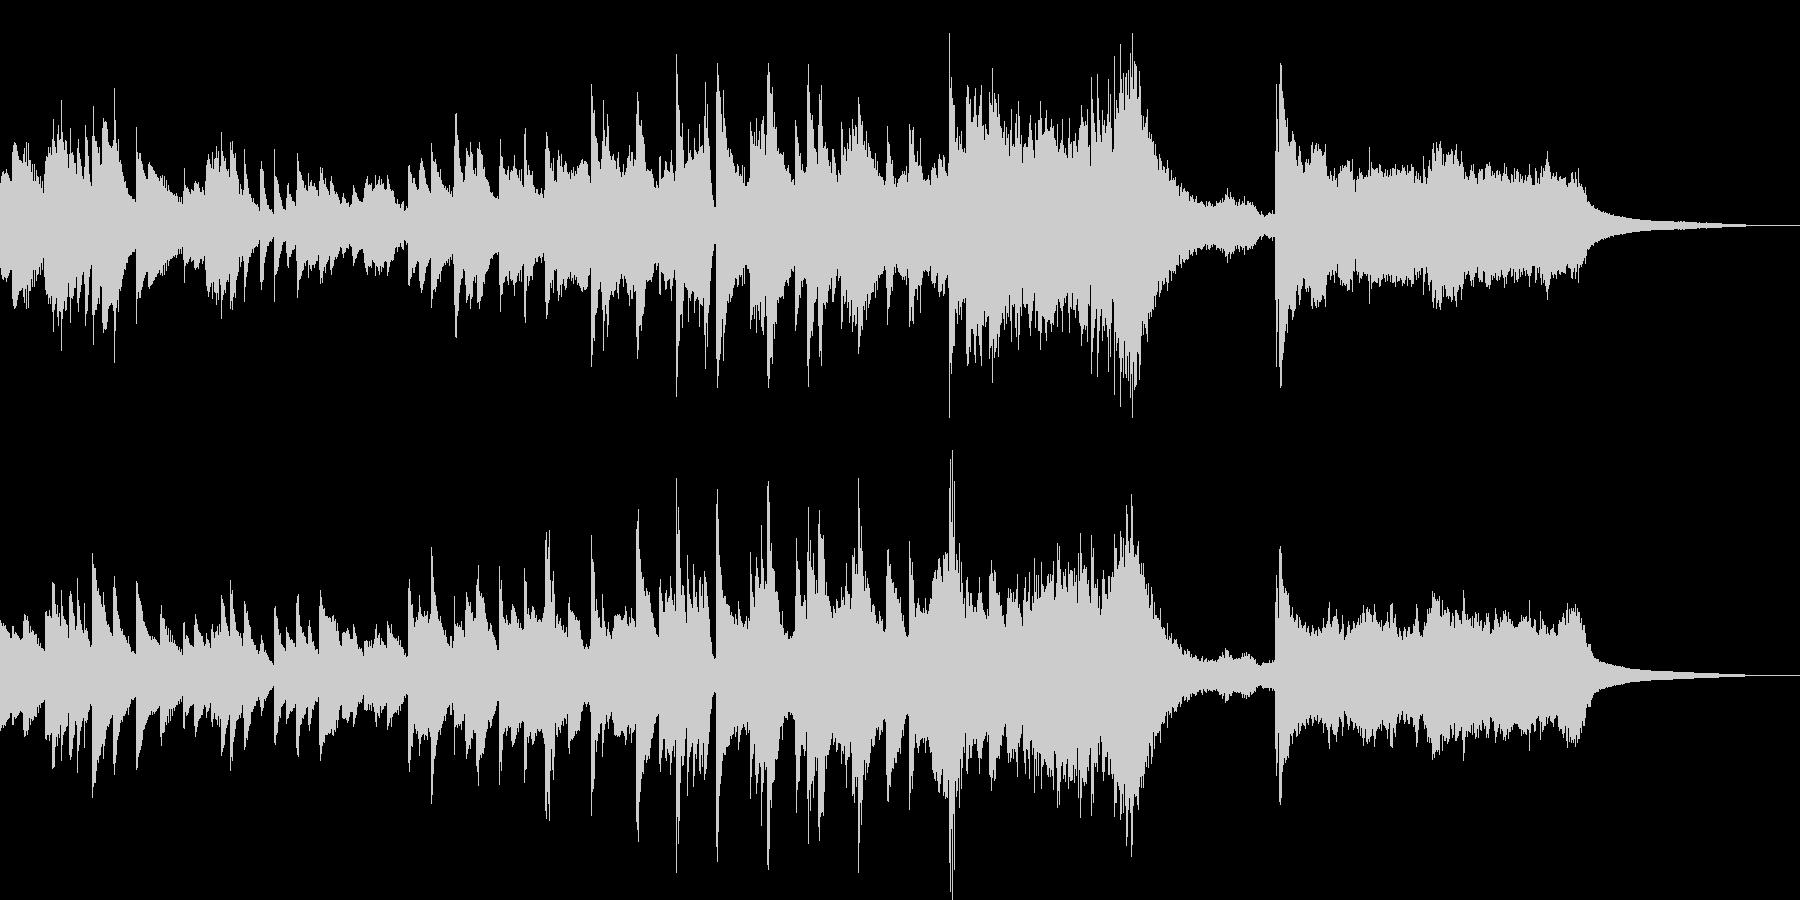 生ピアノとエレクトロの印象的なバラードの未再生の波形